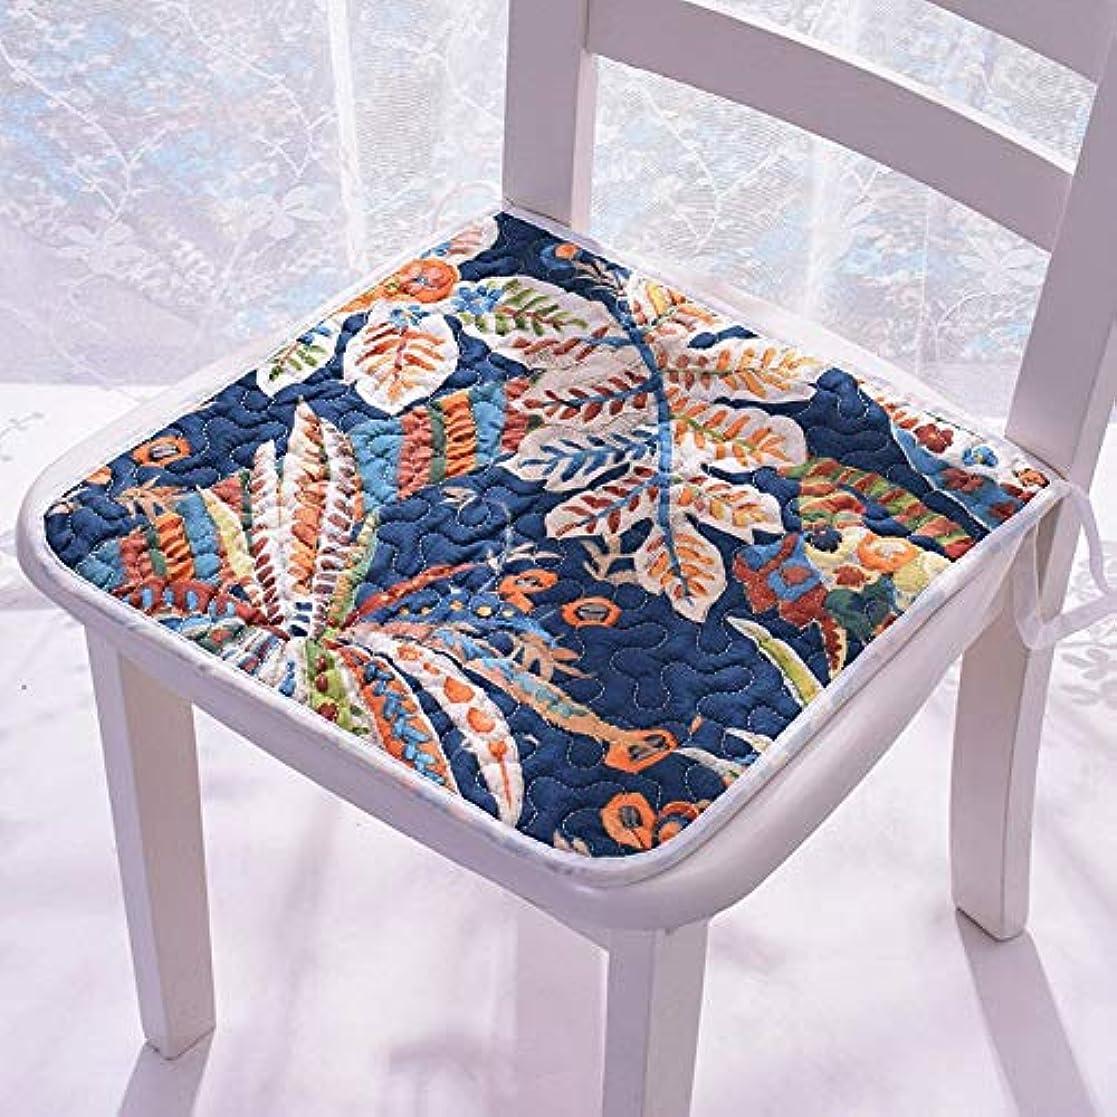 反対する差別的サイクロプスLIFE 現代スーパーソフト椅子クッション非スリップシートクッションマットソファホームデコレーションバッククッションチェアパッド 40*40/45*45/50*50 センチメートル クッション 椅子